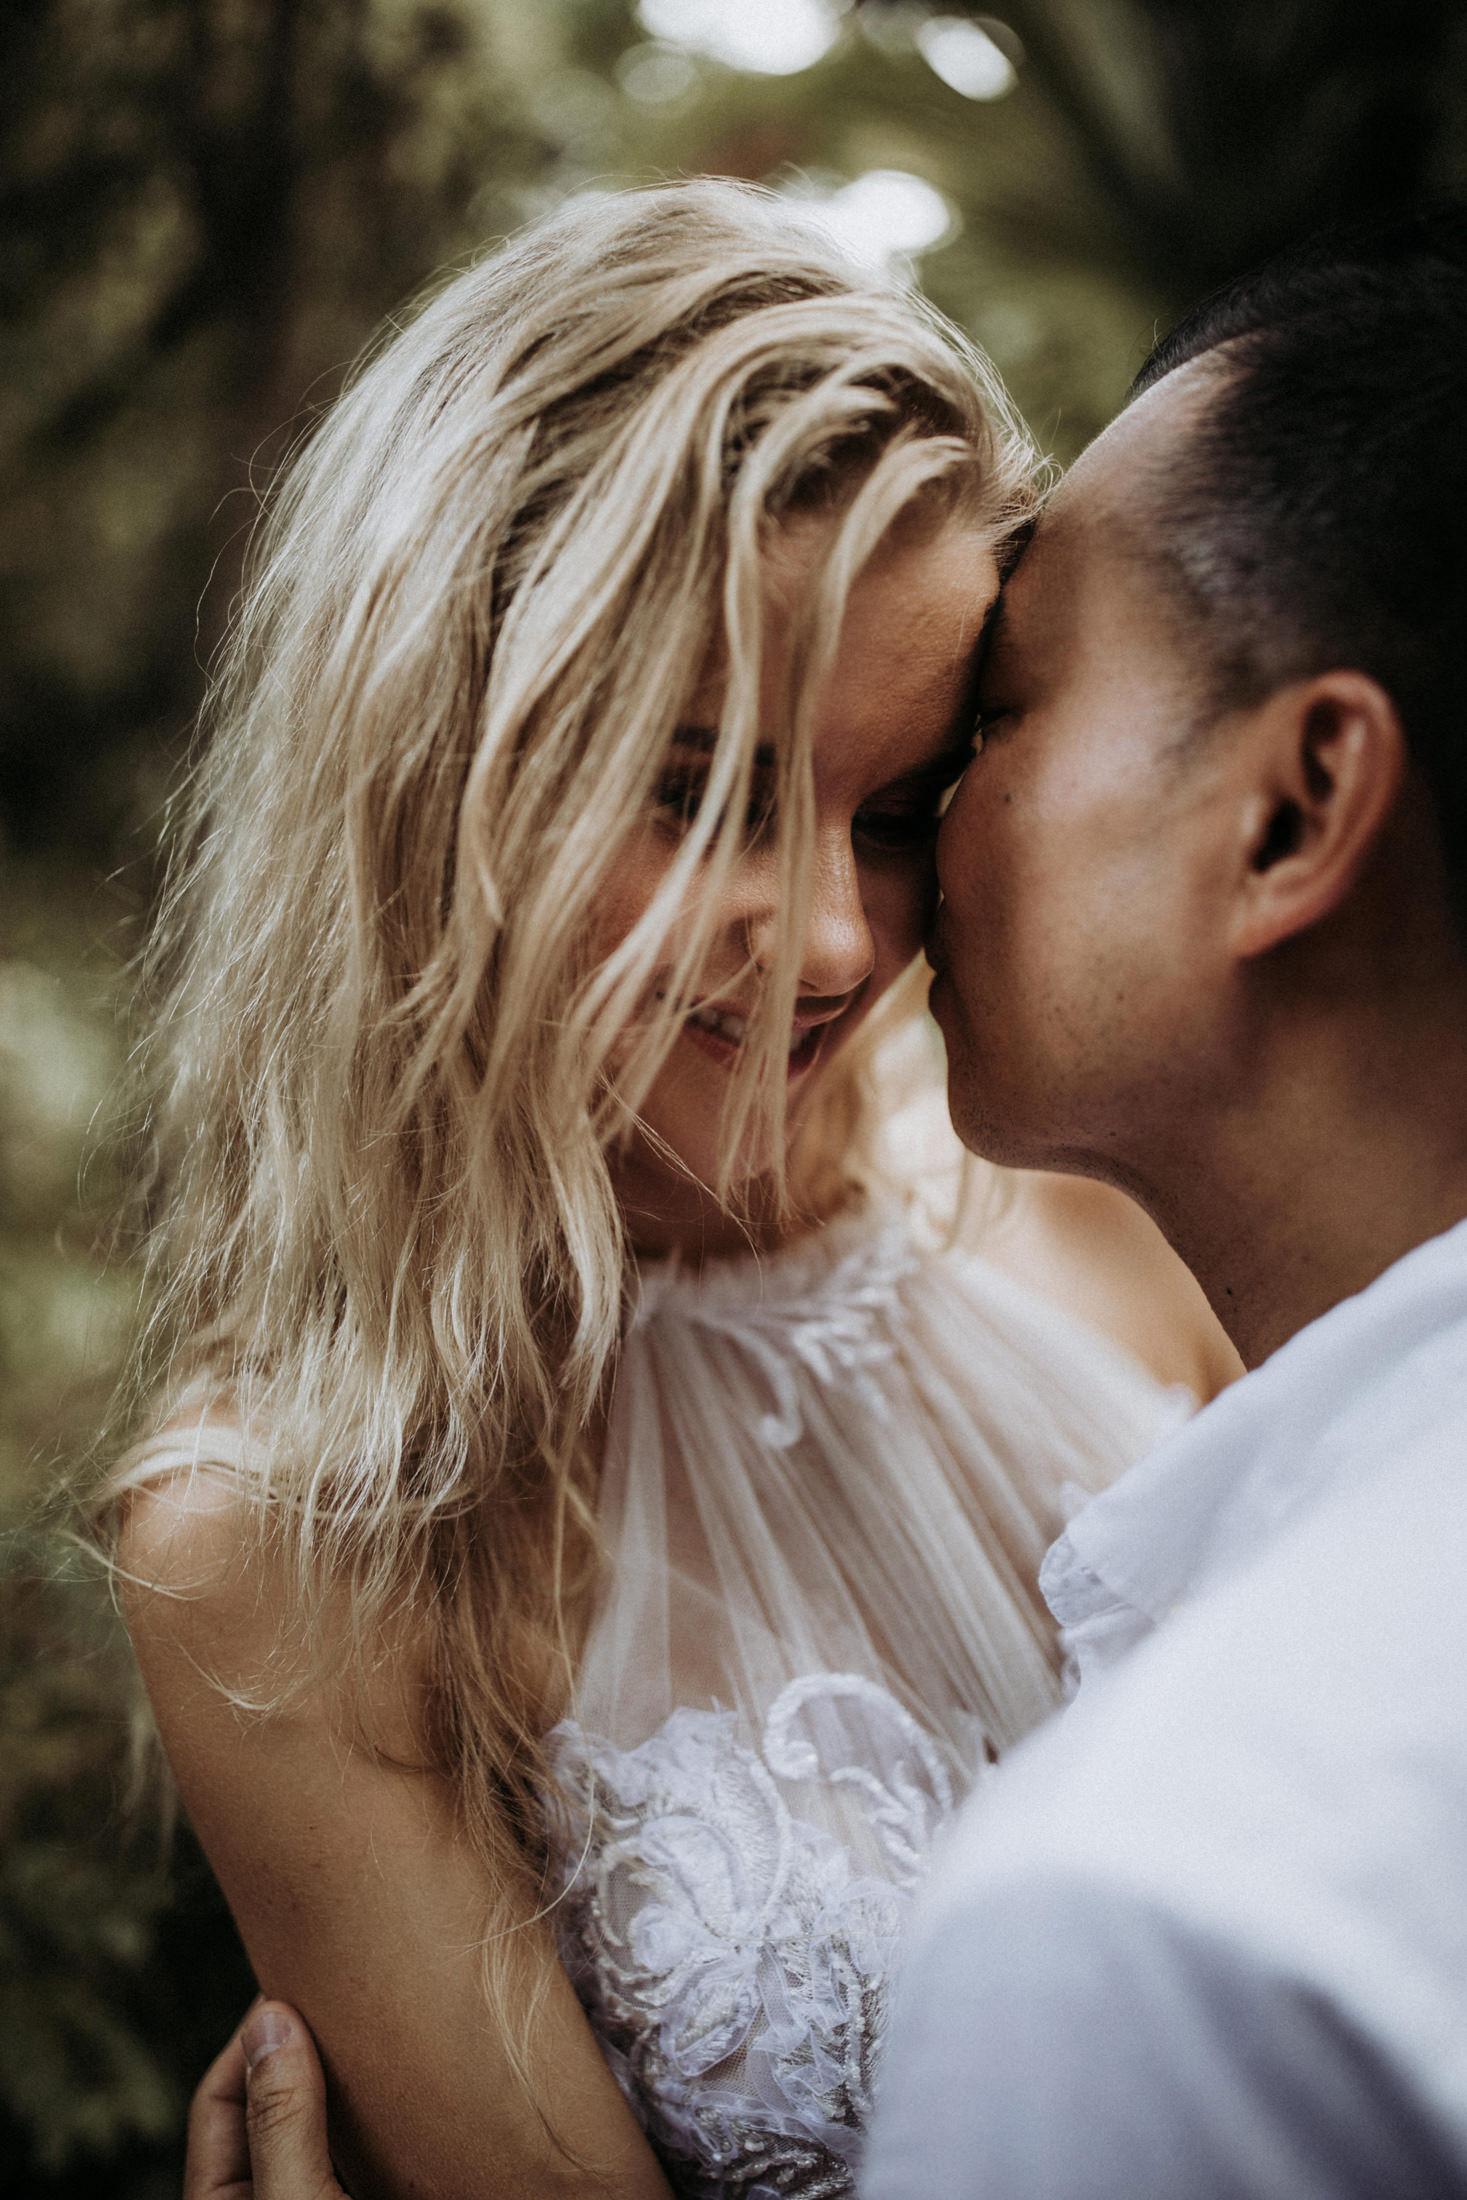 DanielaMarquardt_Wedding_Thailand_461